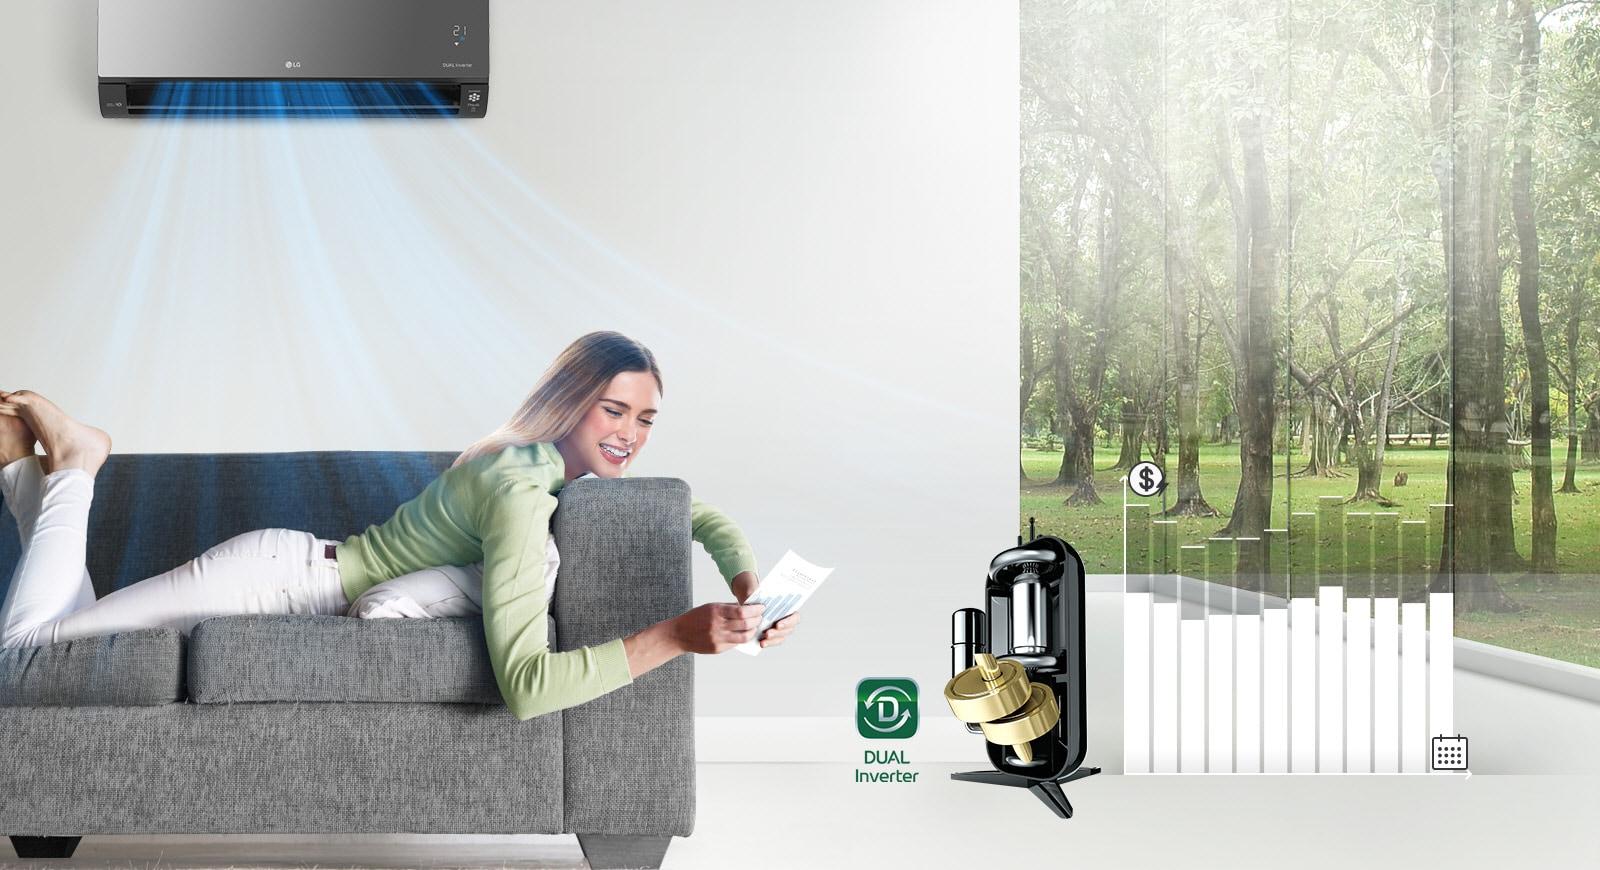 Žena se odmara na kauču smiješeći se dok iz klima-uređaja iznad nje puše zrak. Desno od žene nalazi se logotip Dual Inverter i slika uređaja Dual Inverter. Dalje desno nalazi se stupčasti grafikon. Stupci se podižu, ukazujući na potrošeni novac, a zatim se spuštaju kako bi pokazali da dvostruki pretvarač štedi novac kupaca.